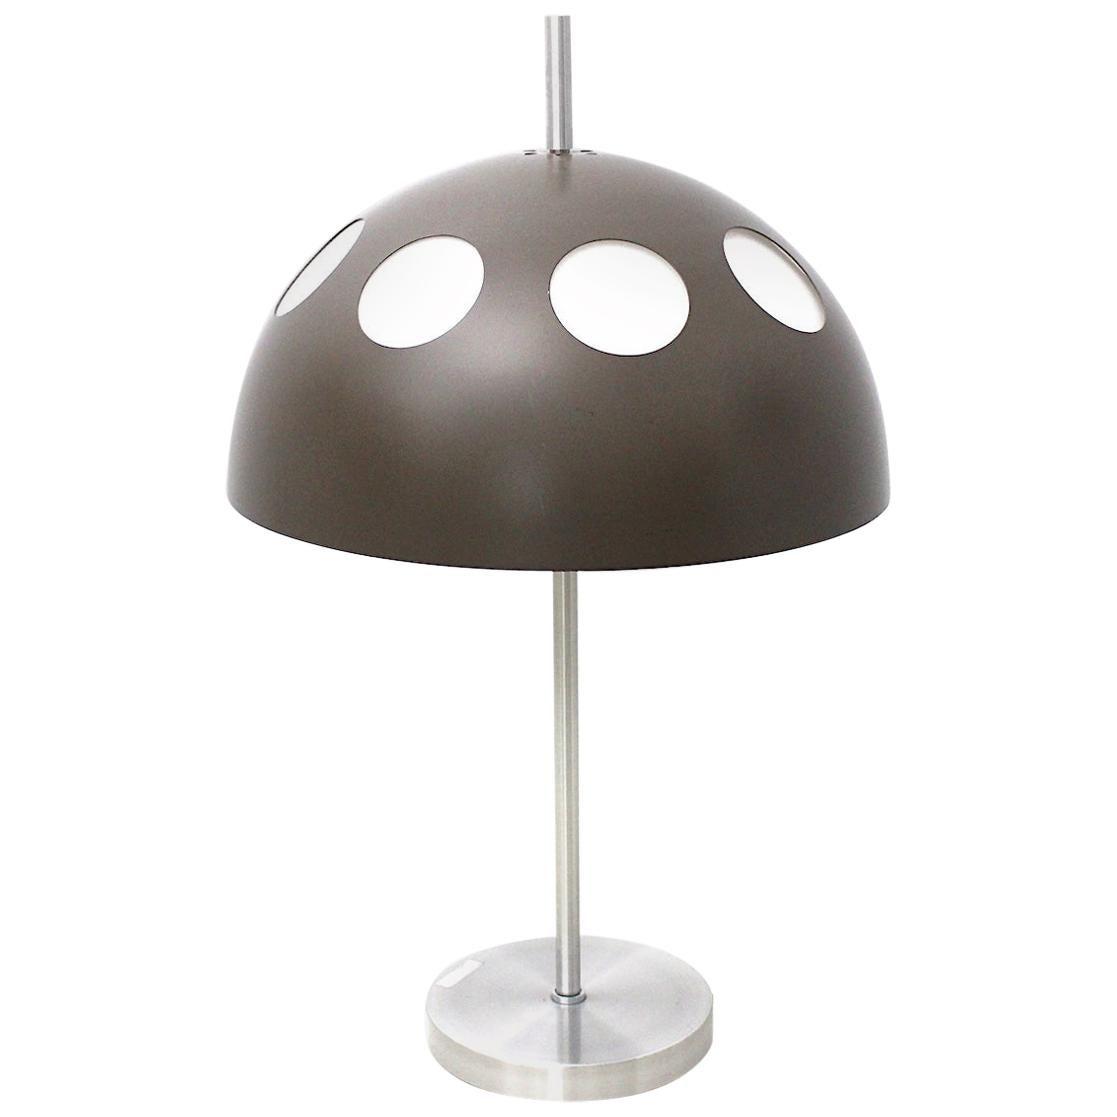 Vintage Metal Plastic Grey Table Lamp by RAAK Netherlands, 1980s